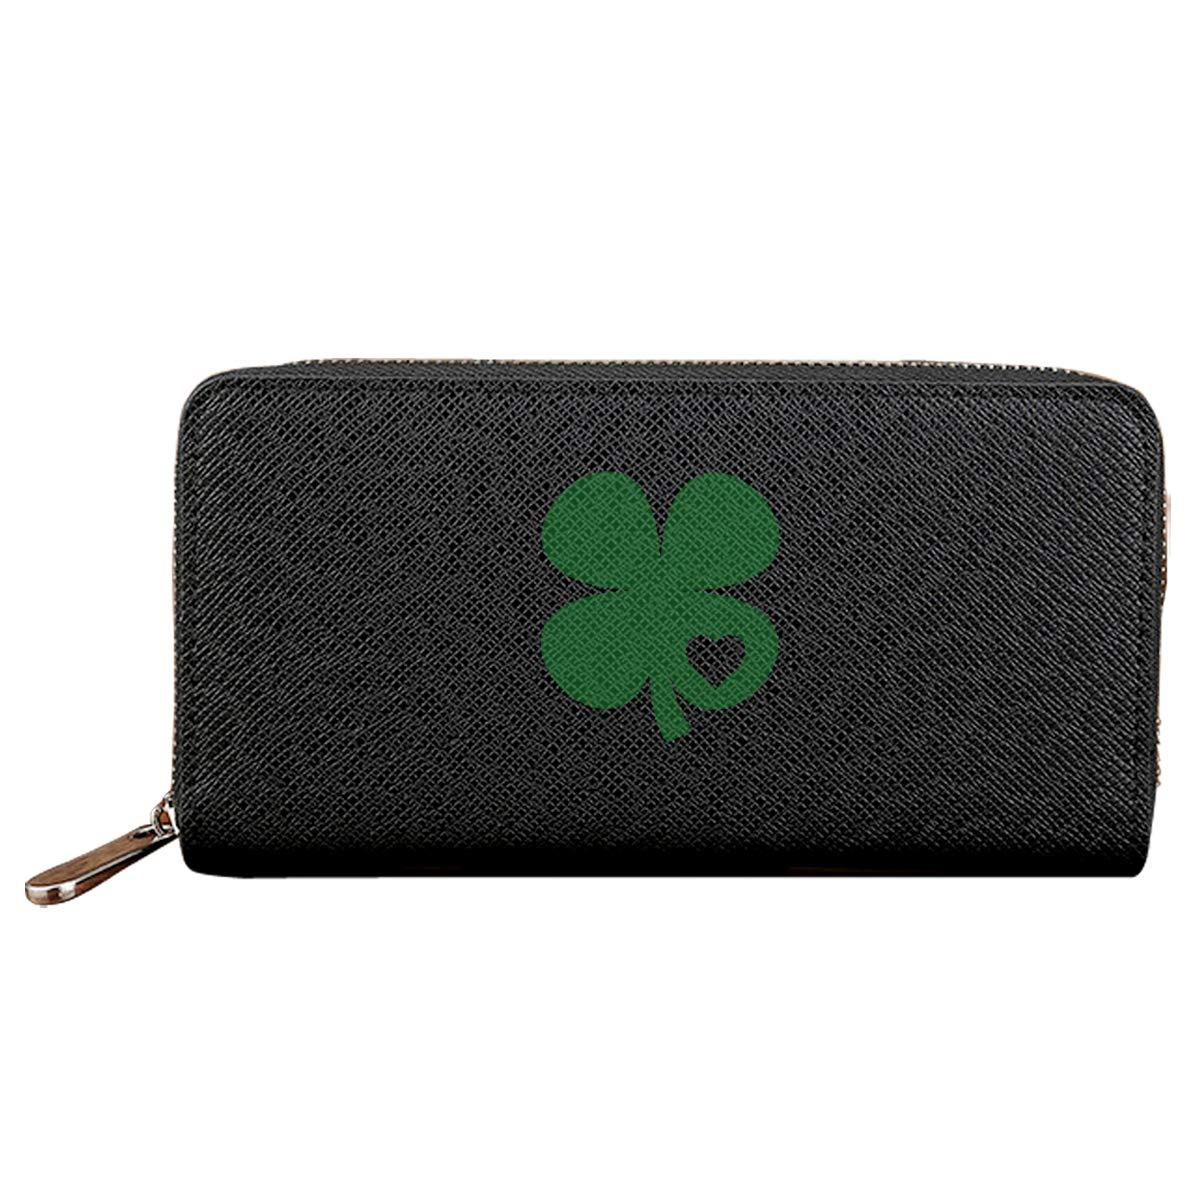 Patricks Day Long Wallets PU Leather Zipper Irish Green Clover Heart St